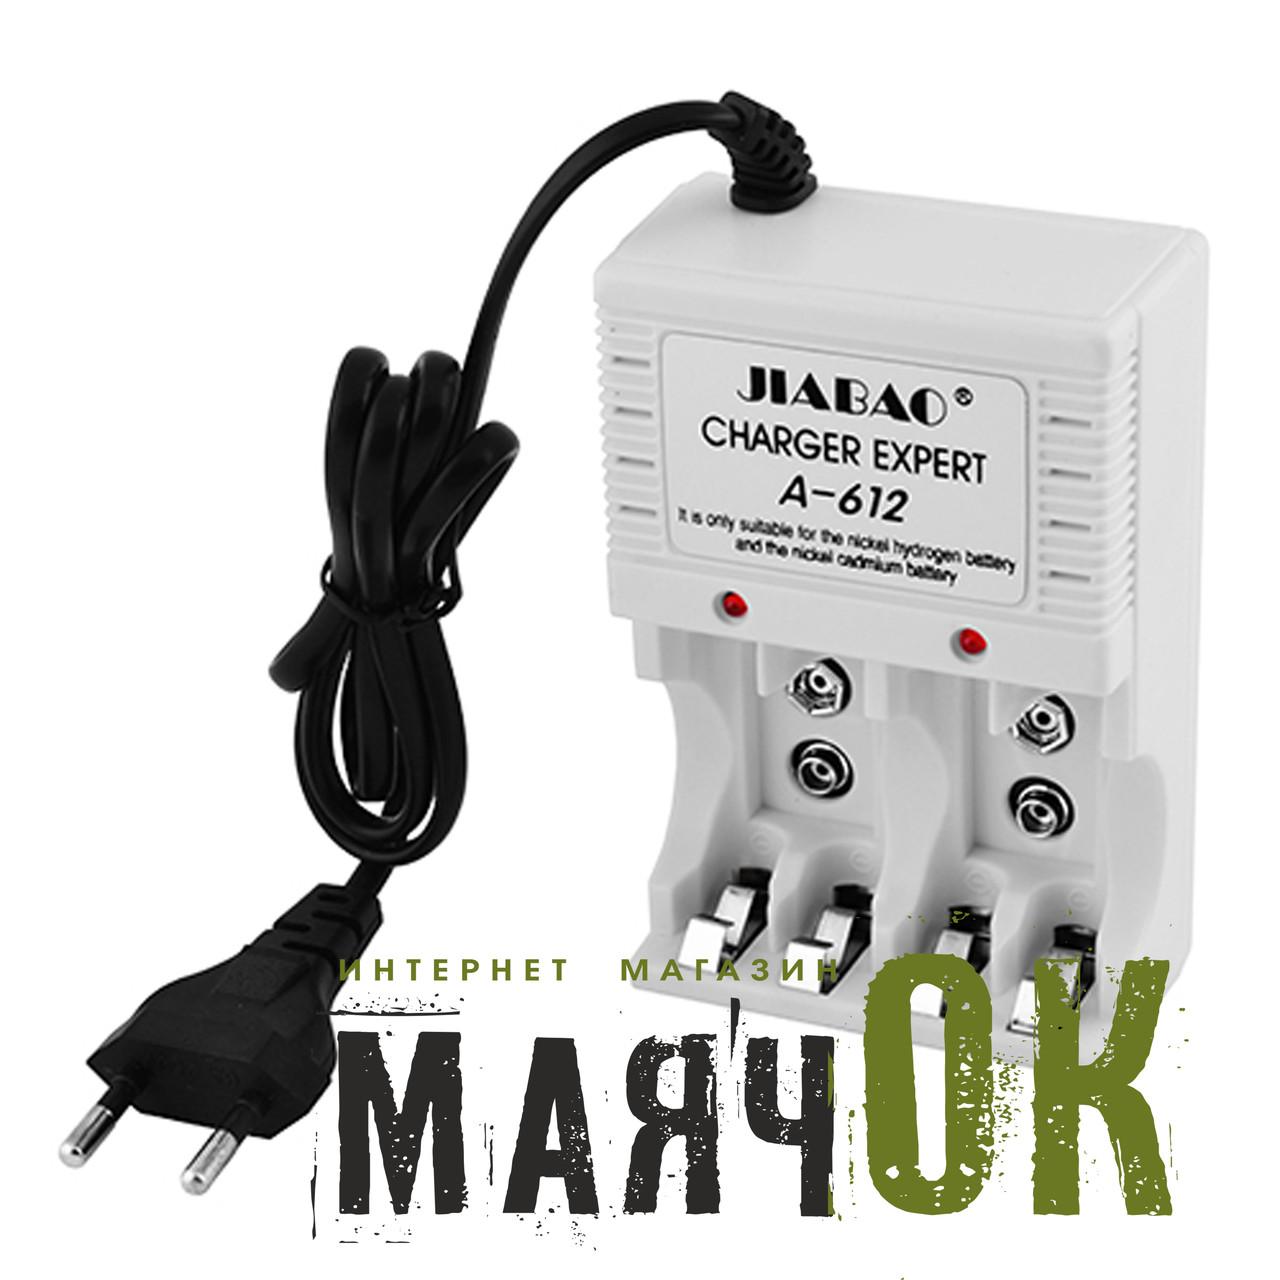 Зарядное устройство Jiabao A-612, 4*AA/AAA, 9V, от 220V